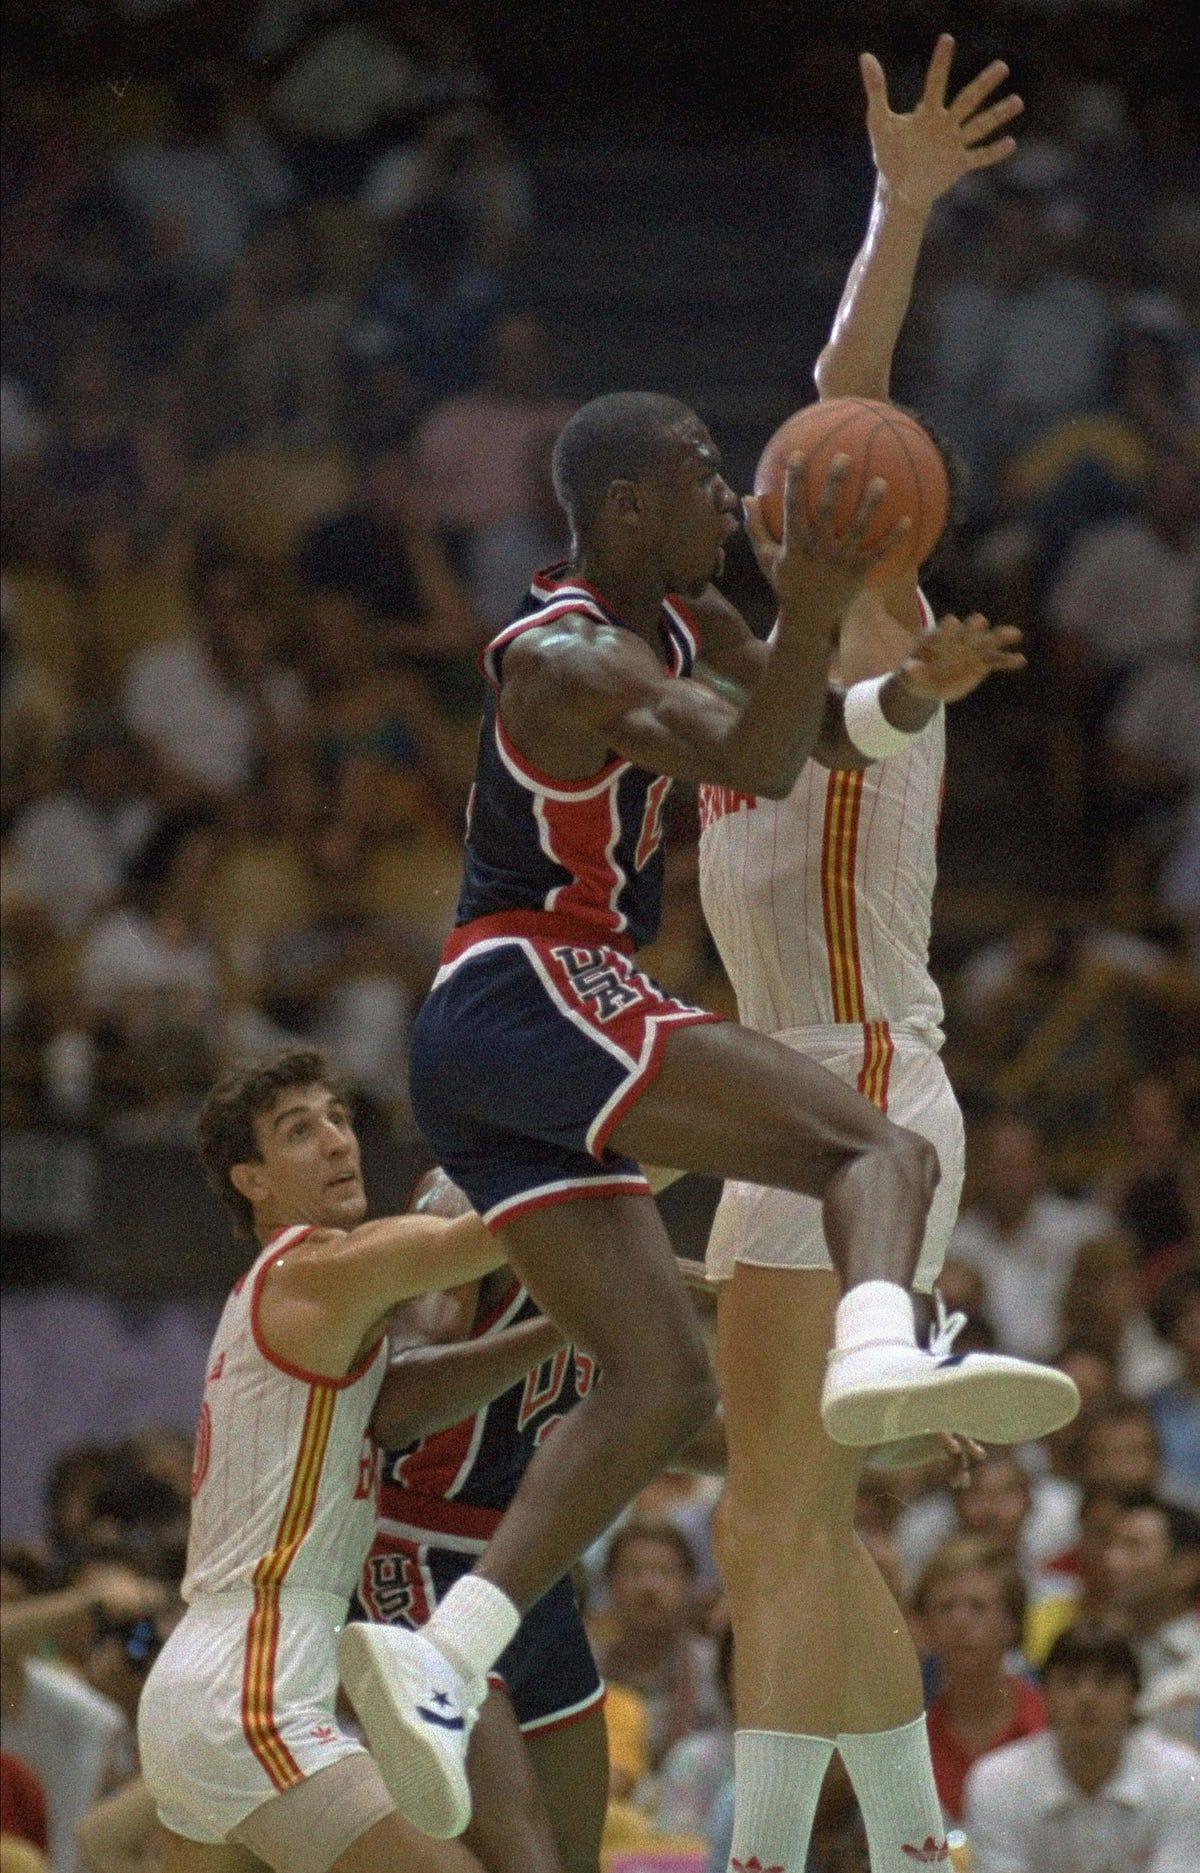 Michael Jordan's Game Worn Converse Sneakers Sold for $190k